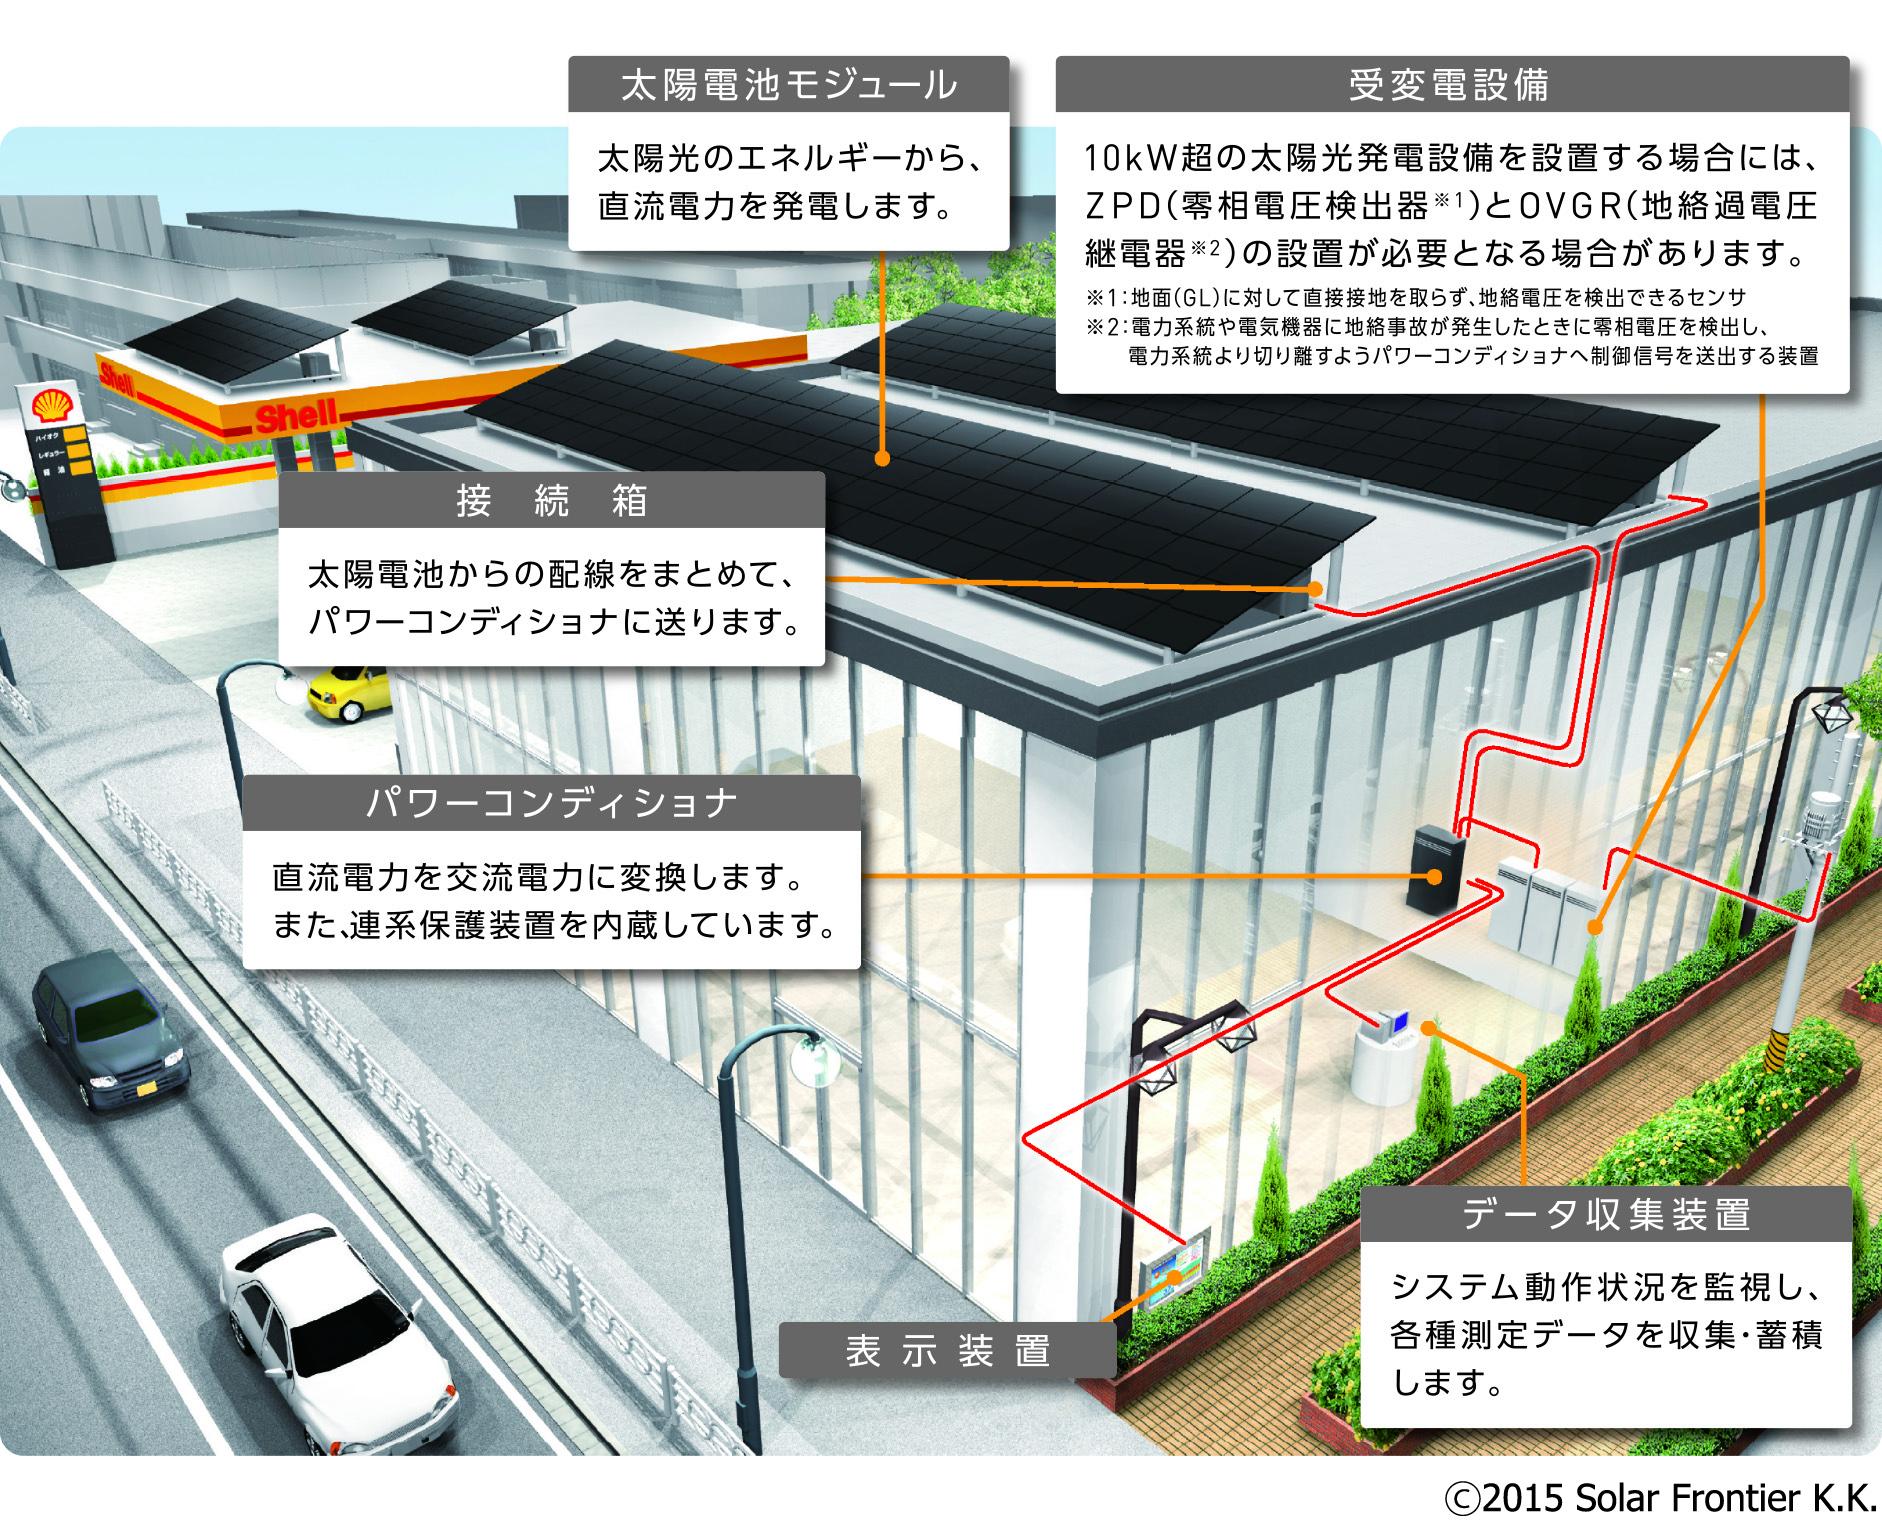 CIS太陽電池モジュールのシステムイメージ